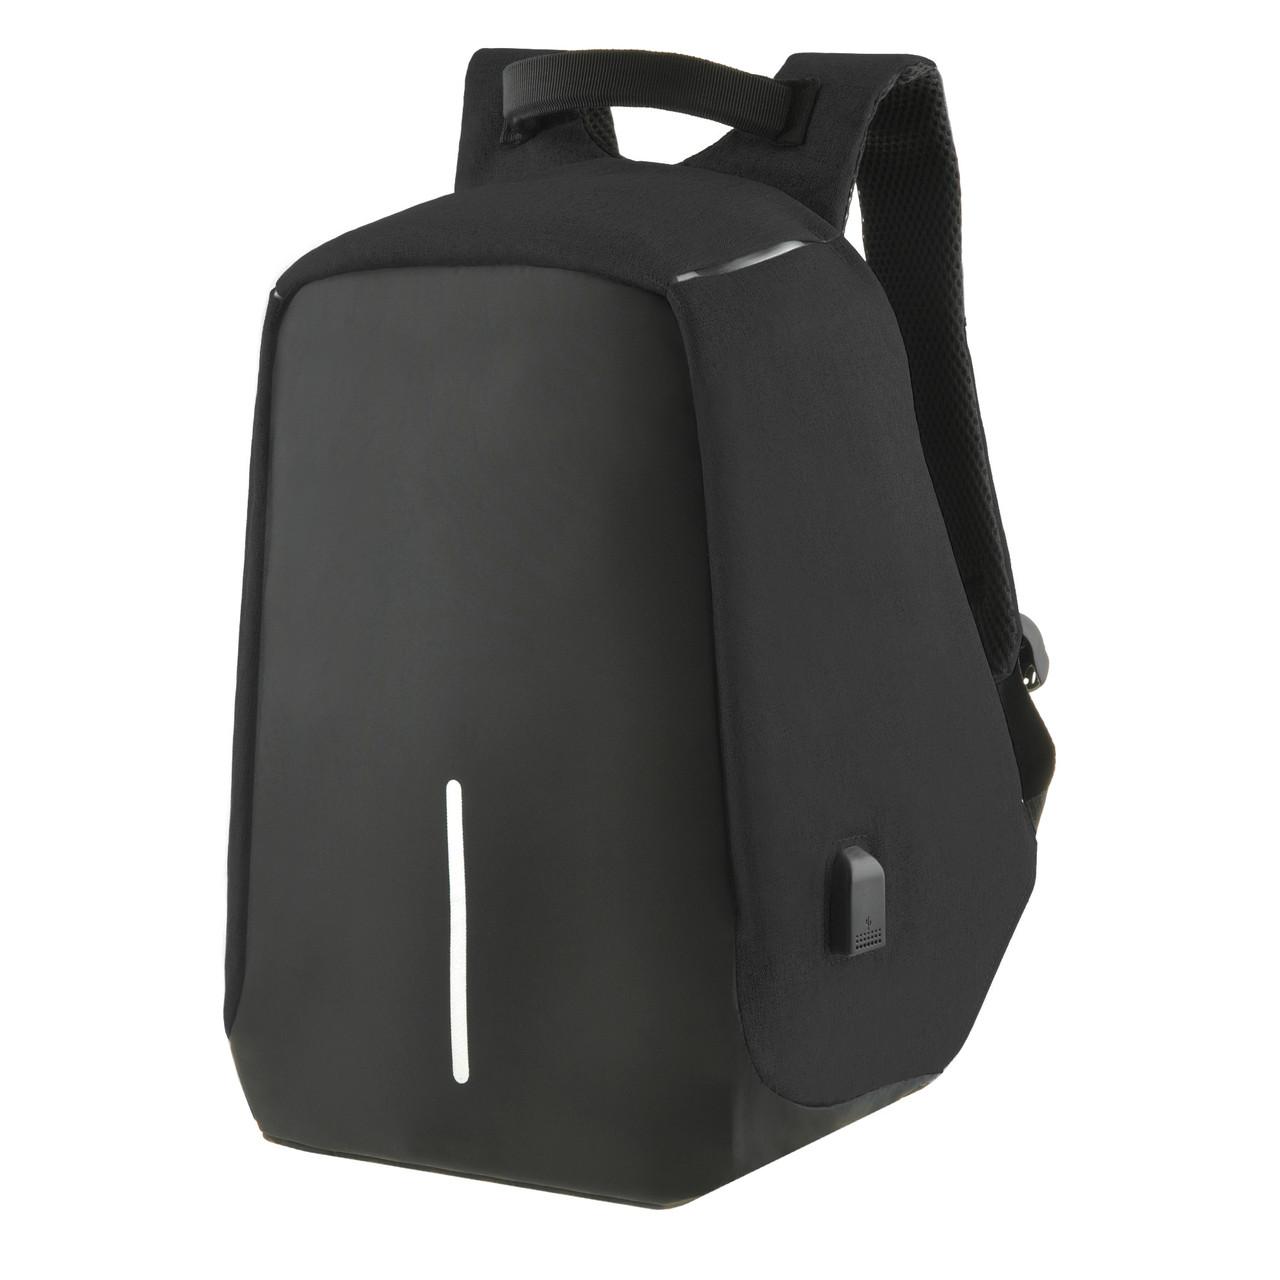 Городской рюкзак под ноутбук Bobby антивор 41х29х14 USB порт, непромокаемый,  черный  ксНЛ1688ч